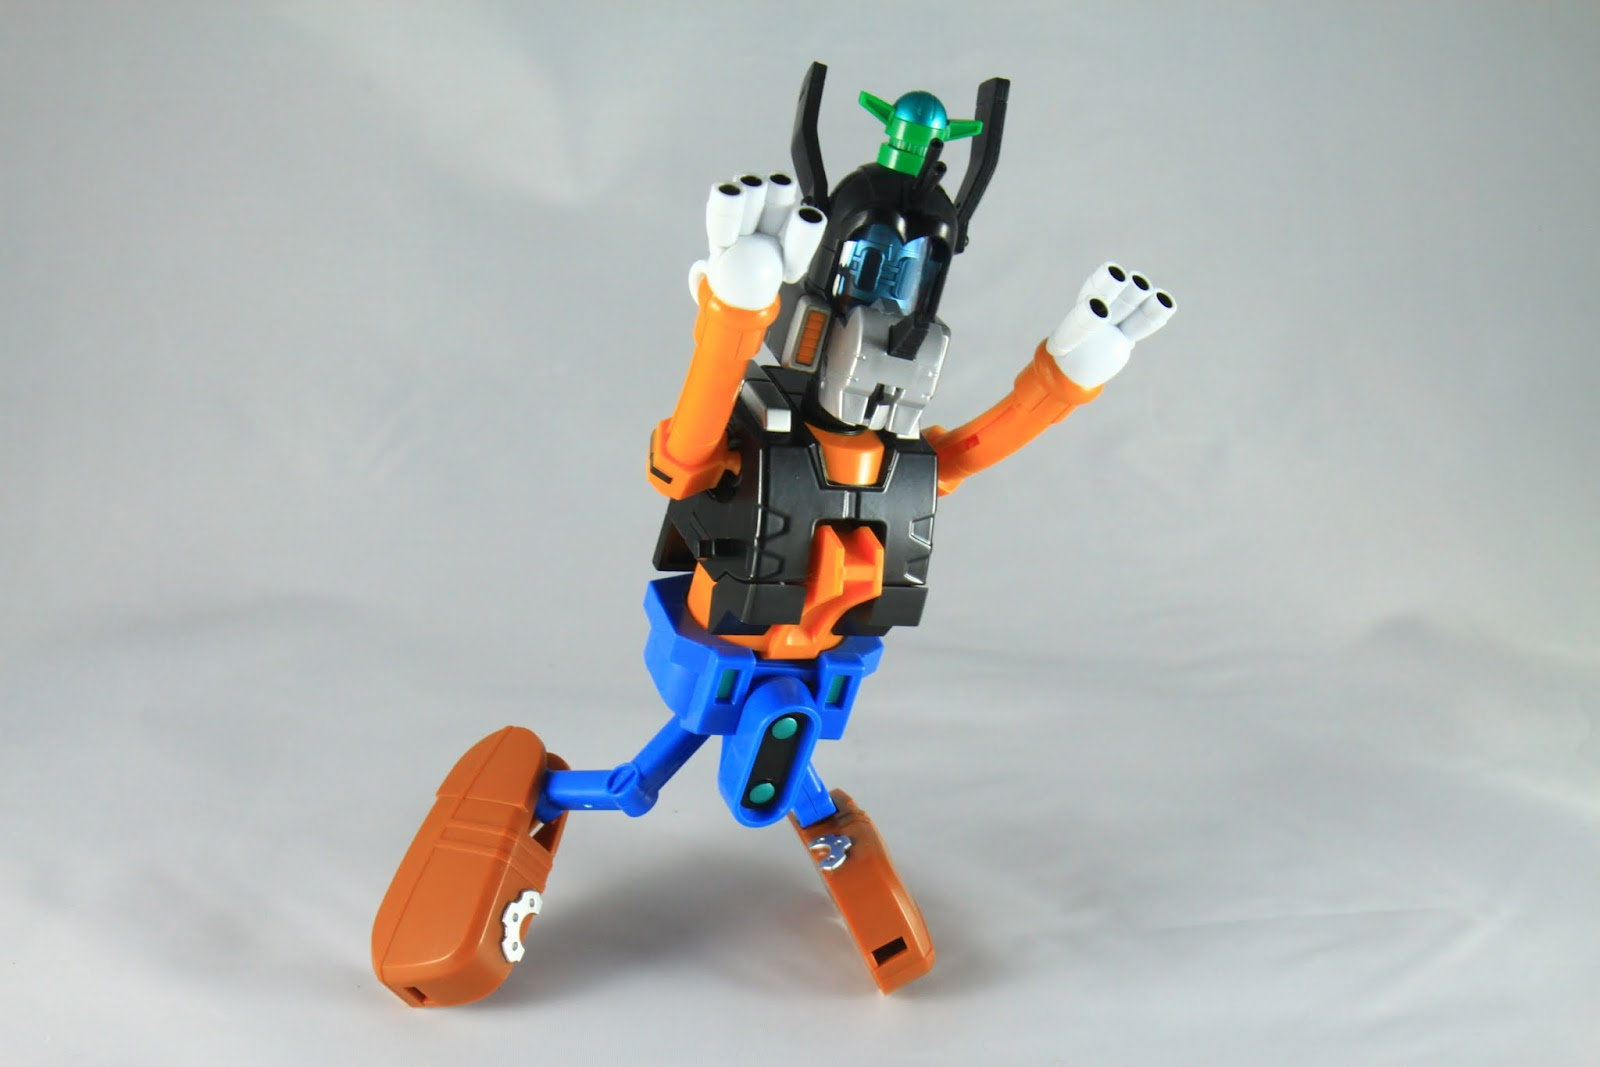 但嚴格說起來高飛卻是全組裡可動性算最高的 只差那個腳很奇怪又內八 耳朵可以動喔~ 手指大概是砲吧 手指砲八連射!